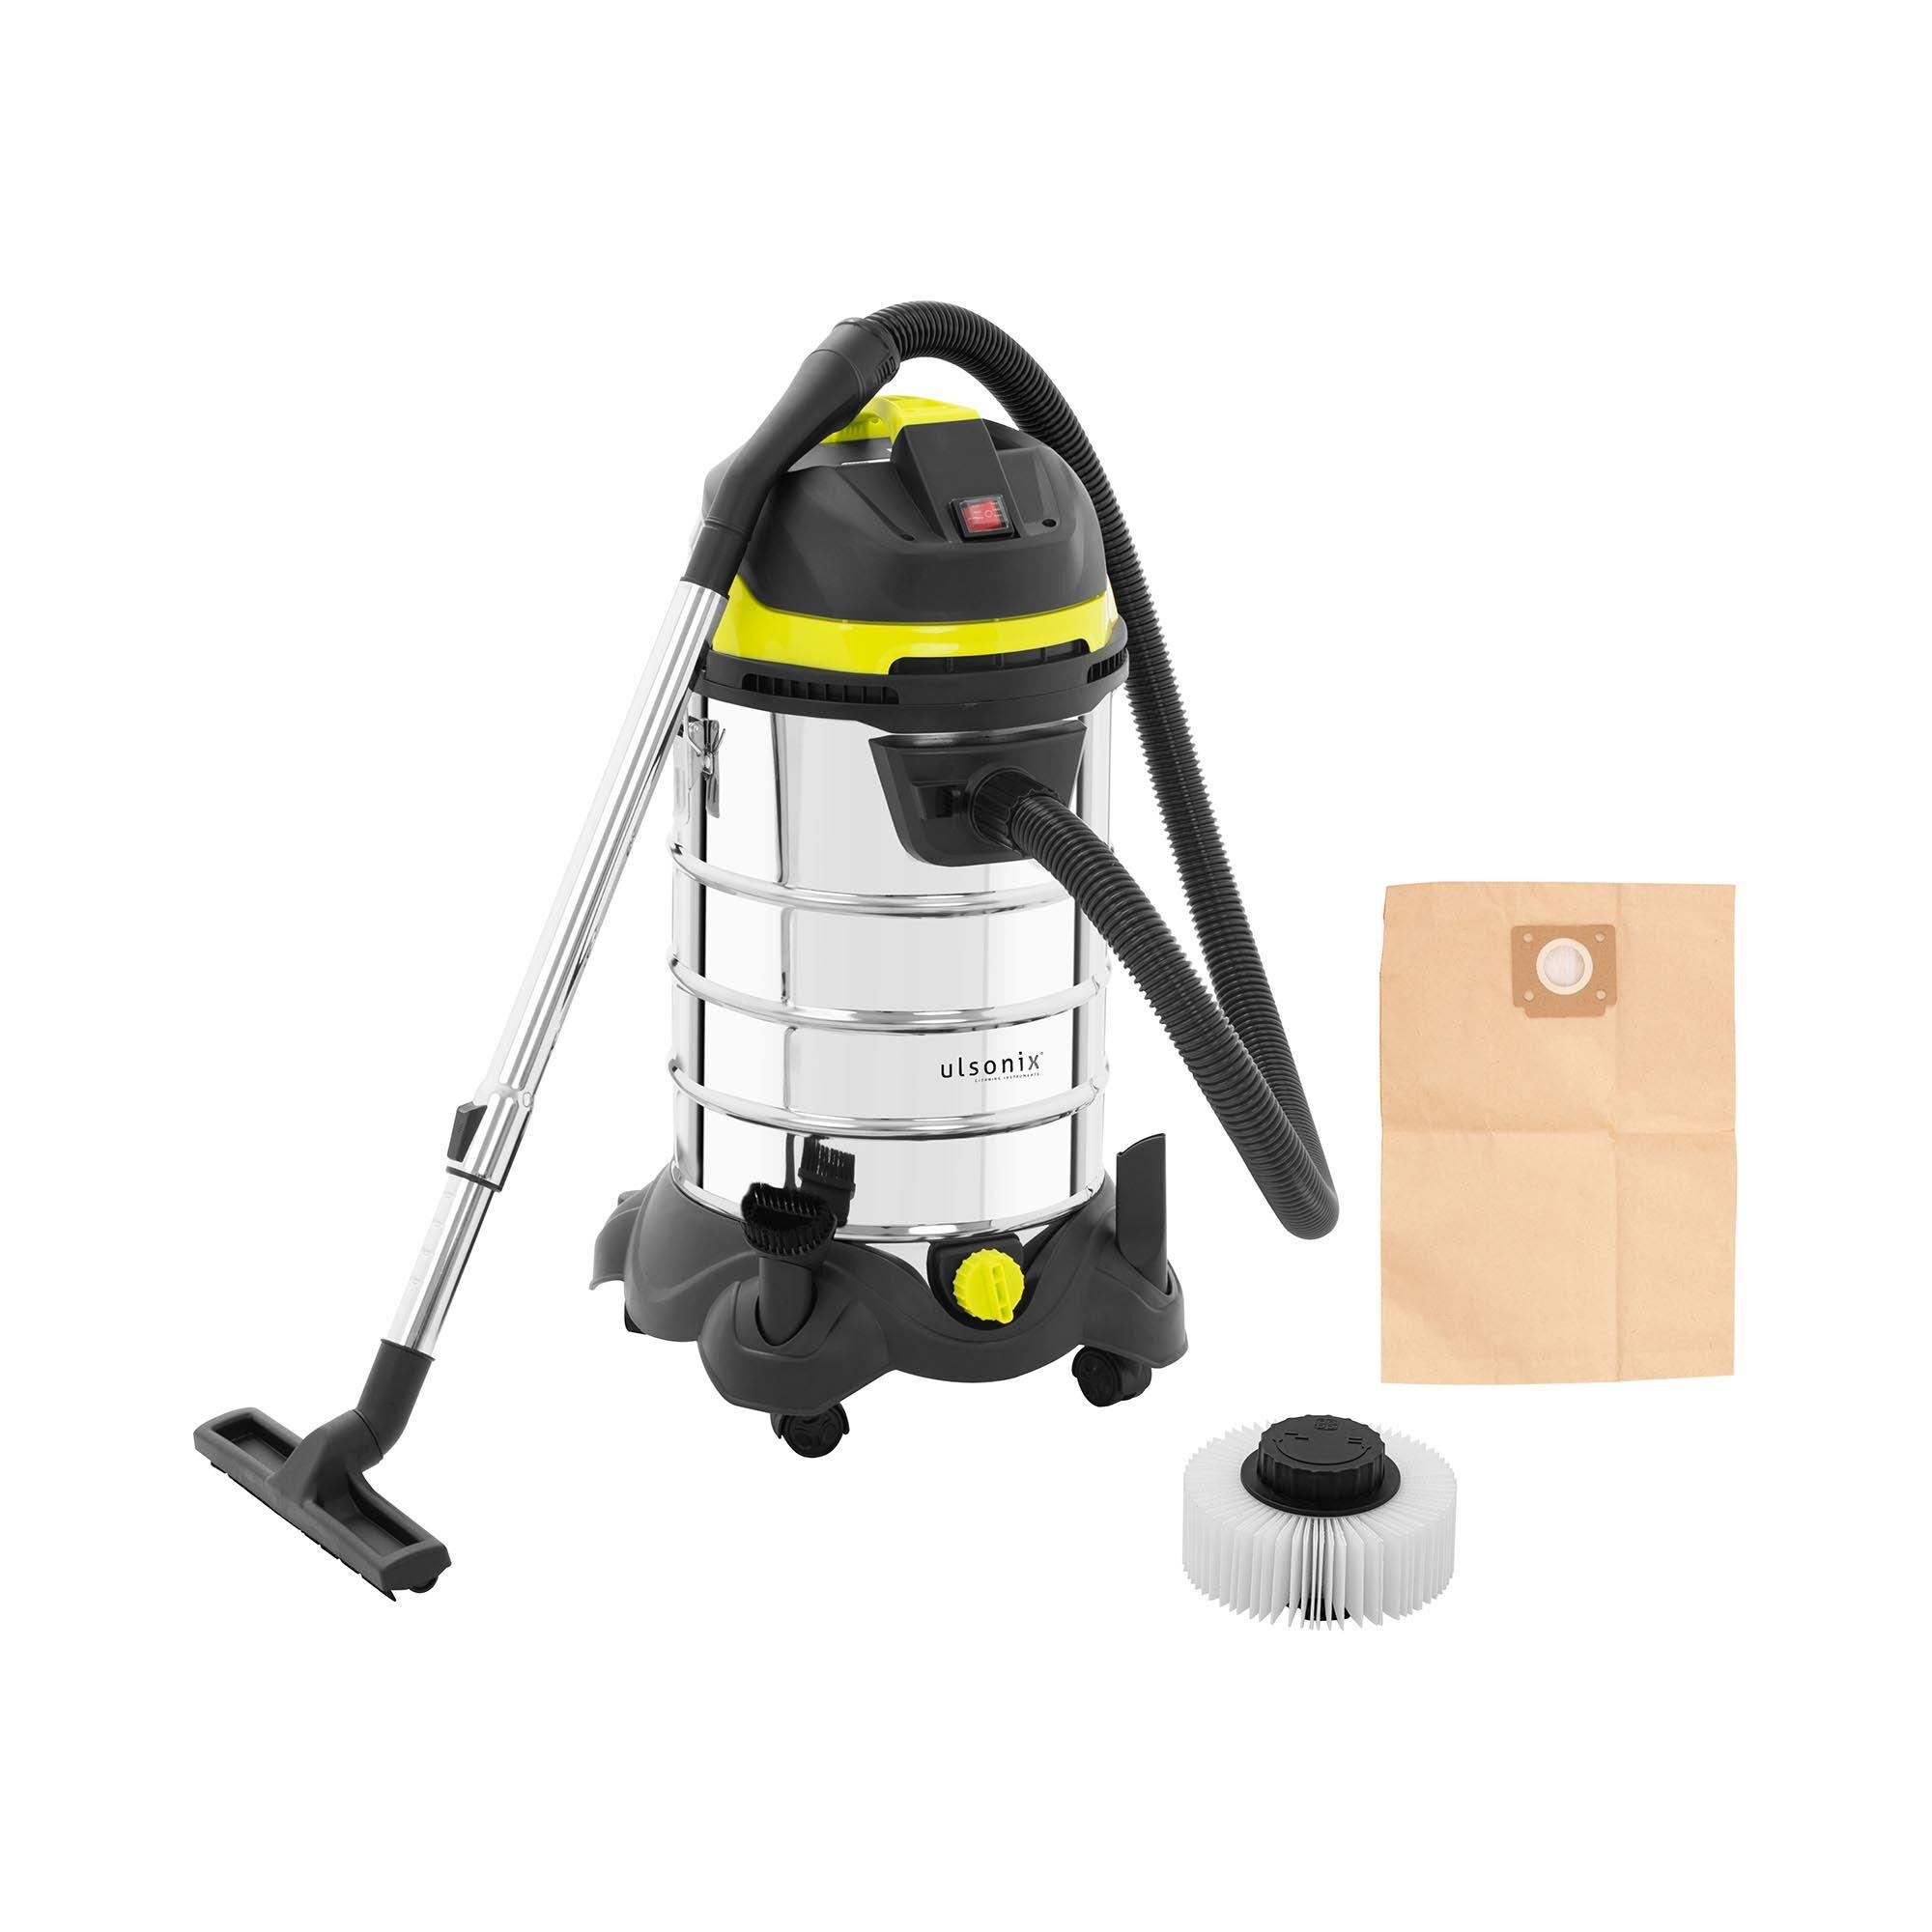 ulsonix Aspirateur eau et poussière - 1 400 W - 30 l FLOORCLEAN 30D